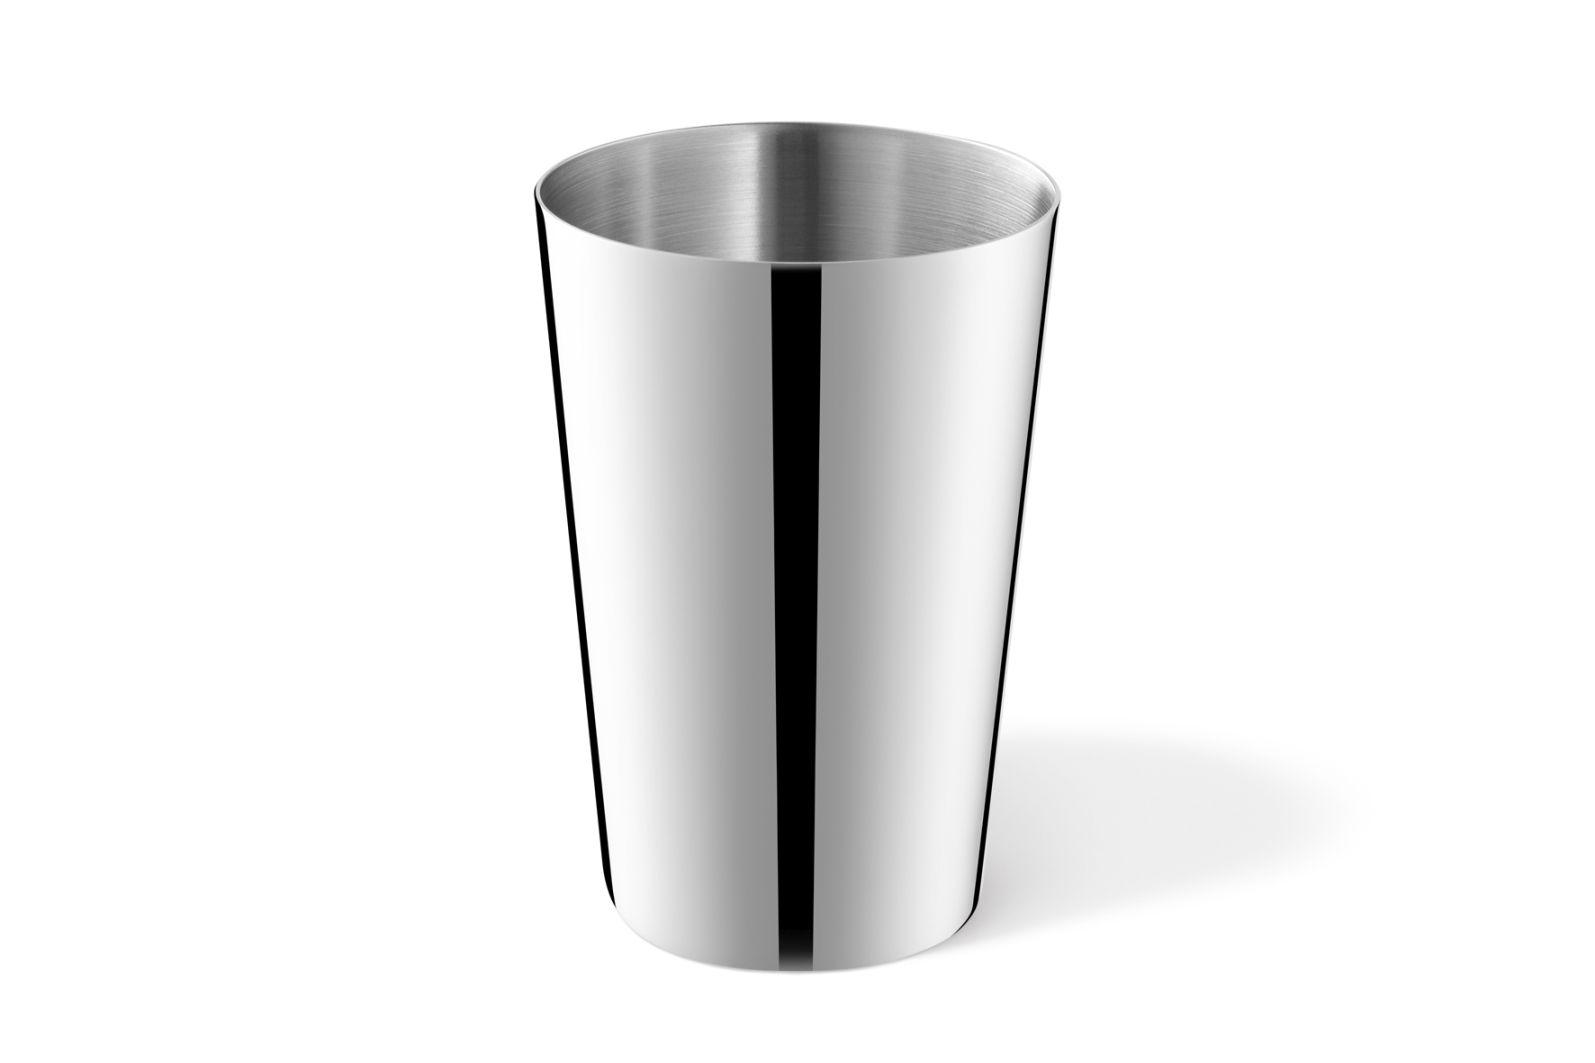 Nerezový pohárek LYOS - ZACK